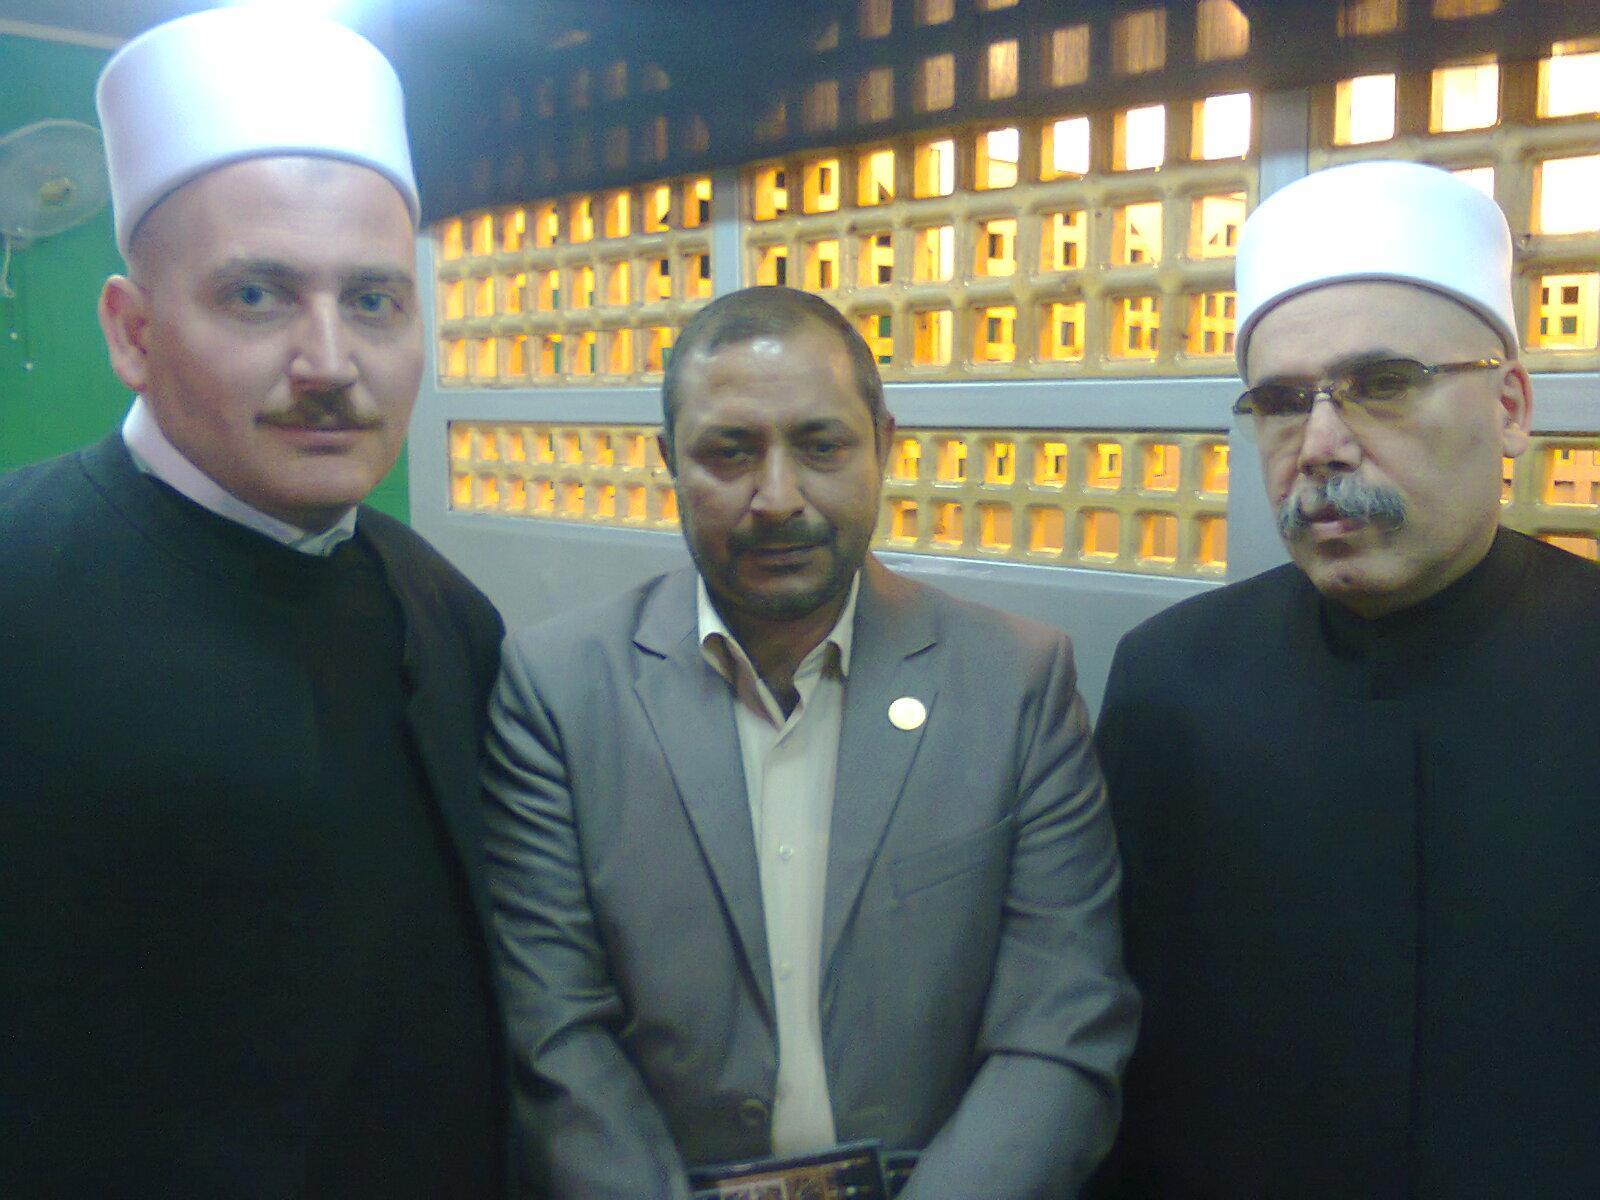 صور من مهرجان الغدير العالمي الثاني 883134214